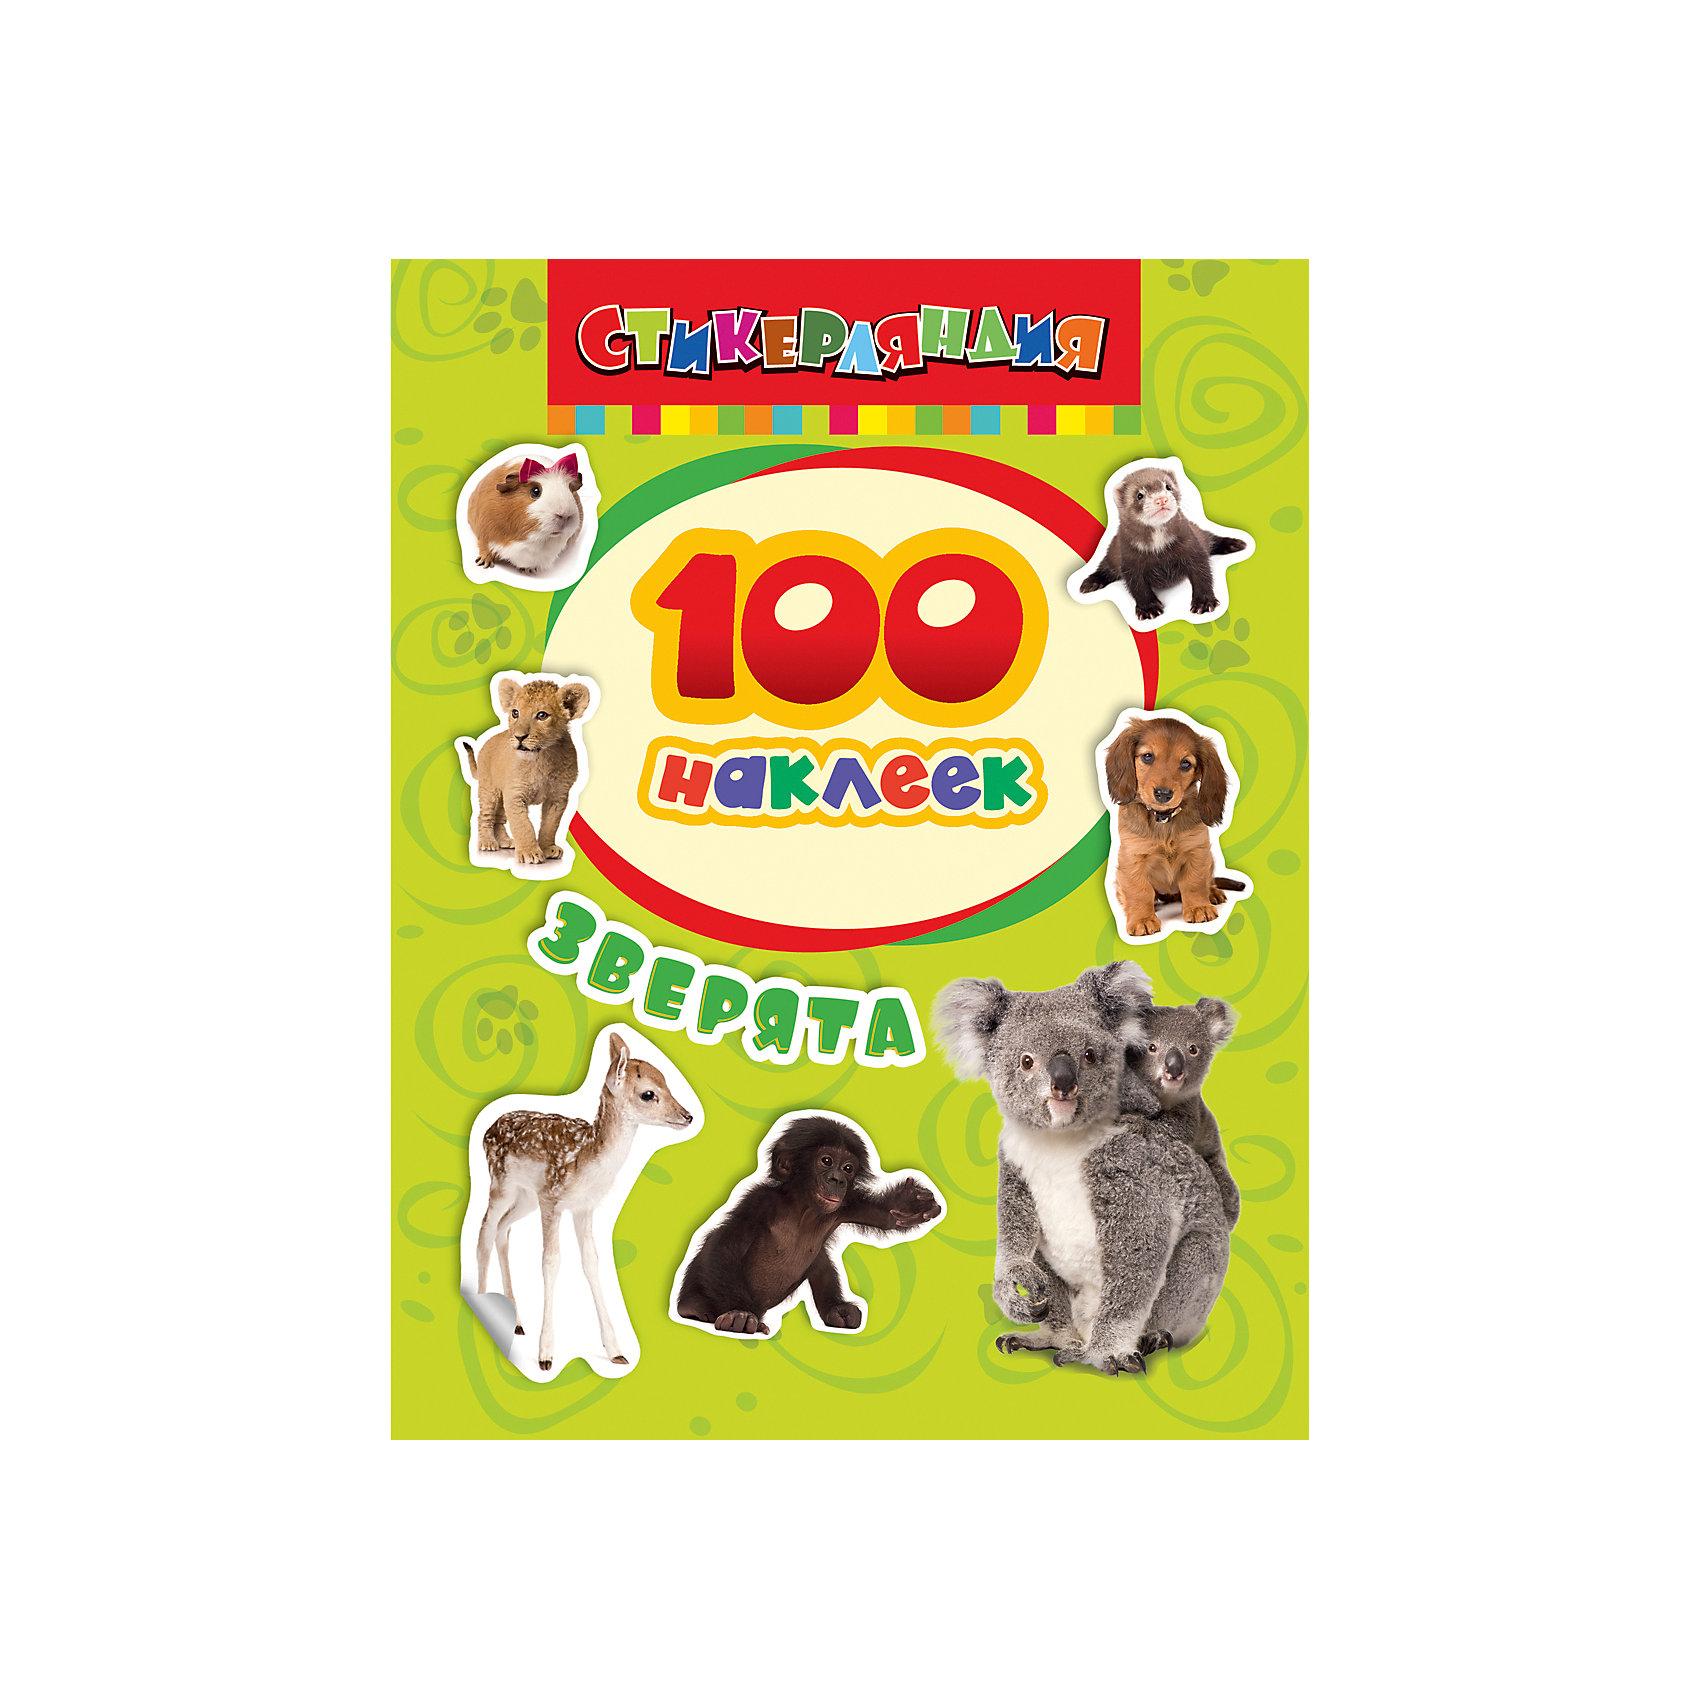 Книга наклеек Стикерляндия— Зверята, 100 наклеекХарактеристики 100 наклеек Зверята:<br><br>- возраст: от 3 лет<br>- пол: для мальчиков и девочек<br>- материал: бумага.<br>- количество страниц: 8<br>- размер самой игрушки (длн-шрн-вст): 20 * 15 см.<br>- переплет: мягкий.<br>- страна обладатель бренда: Россия.<br><br>В книге Зверята представлено 100 наклеек в виде разных домашних и диких животных со всех уголков планеты. Наклеивая их обложки тетрадей и учебников, ребенок познакомится с новыми зверятами и непременно захочет узнать и прочитать о них побольше.<br><br>100 наклеек Зверята издательства Росмэн можно купить в нашем интернет-магазине.<br><br>Ширина мм: 200<br>Глубина мм: 150<br>Высота мм: 2<br>Вес г: 30<br>Возраст от месяцев: 36<br>Возраст до месяцев: 72<br>Пол: Унисекс<br>Возраст: Детский<br>SKU: 5109767